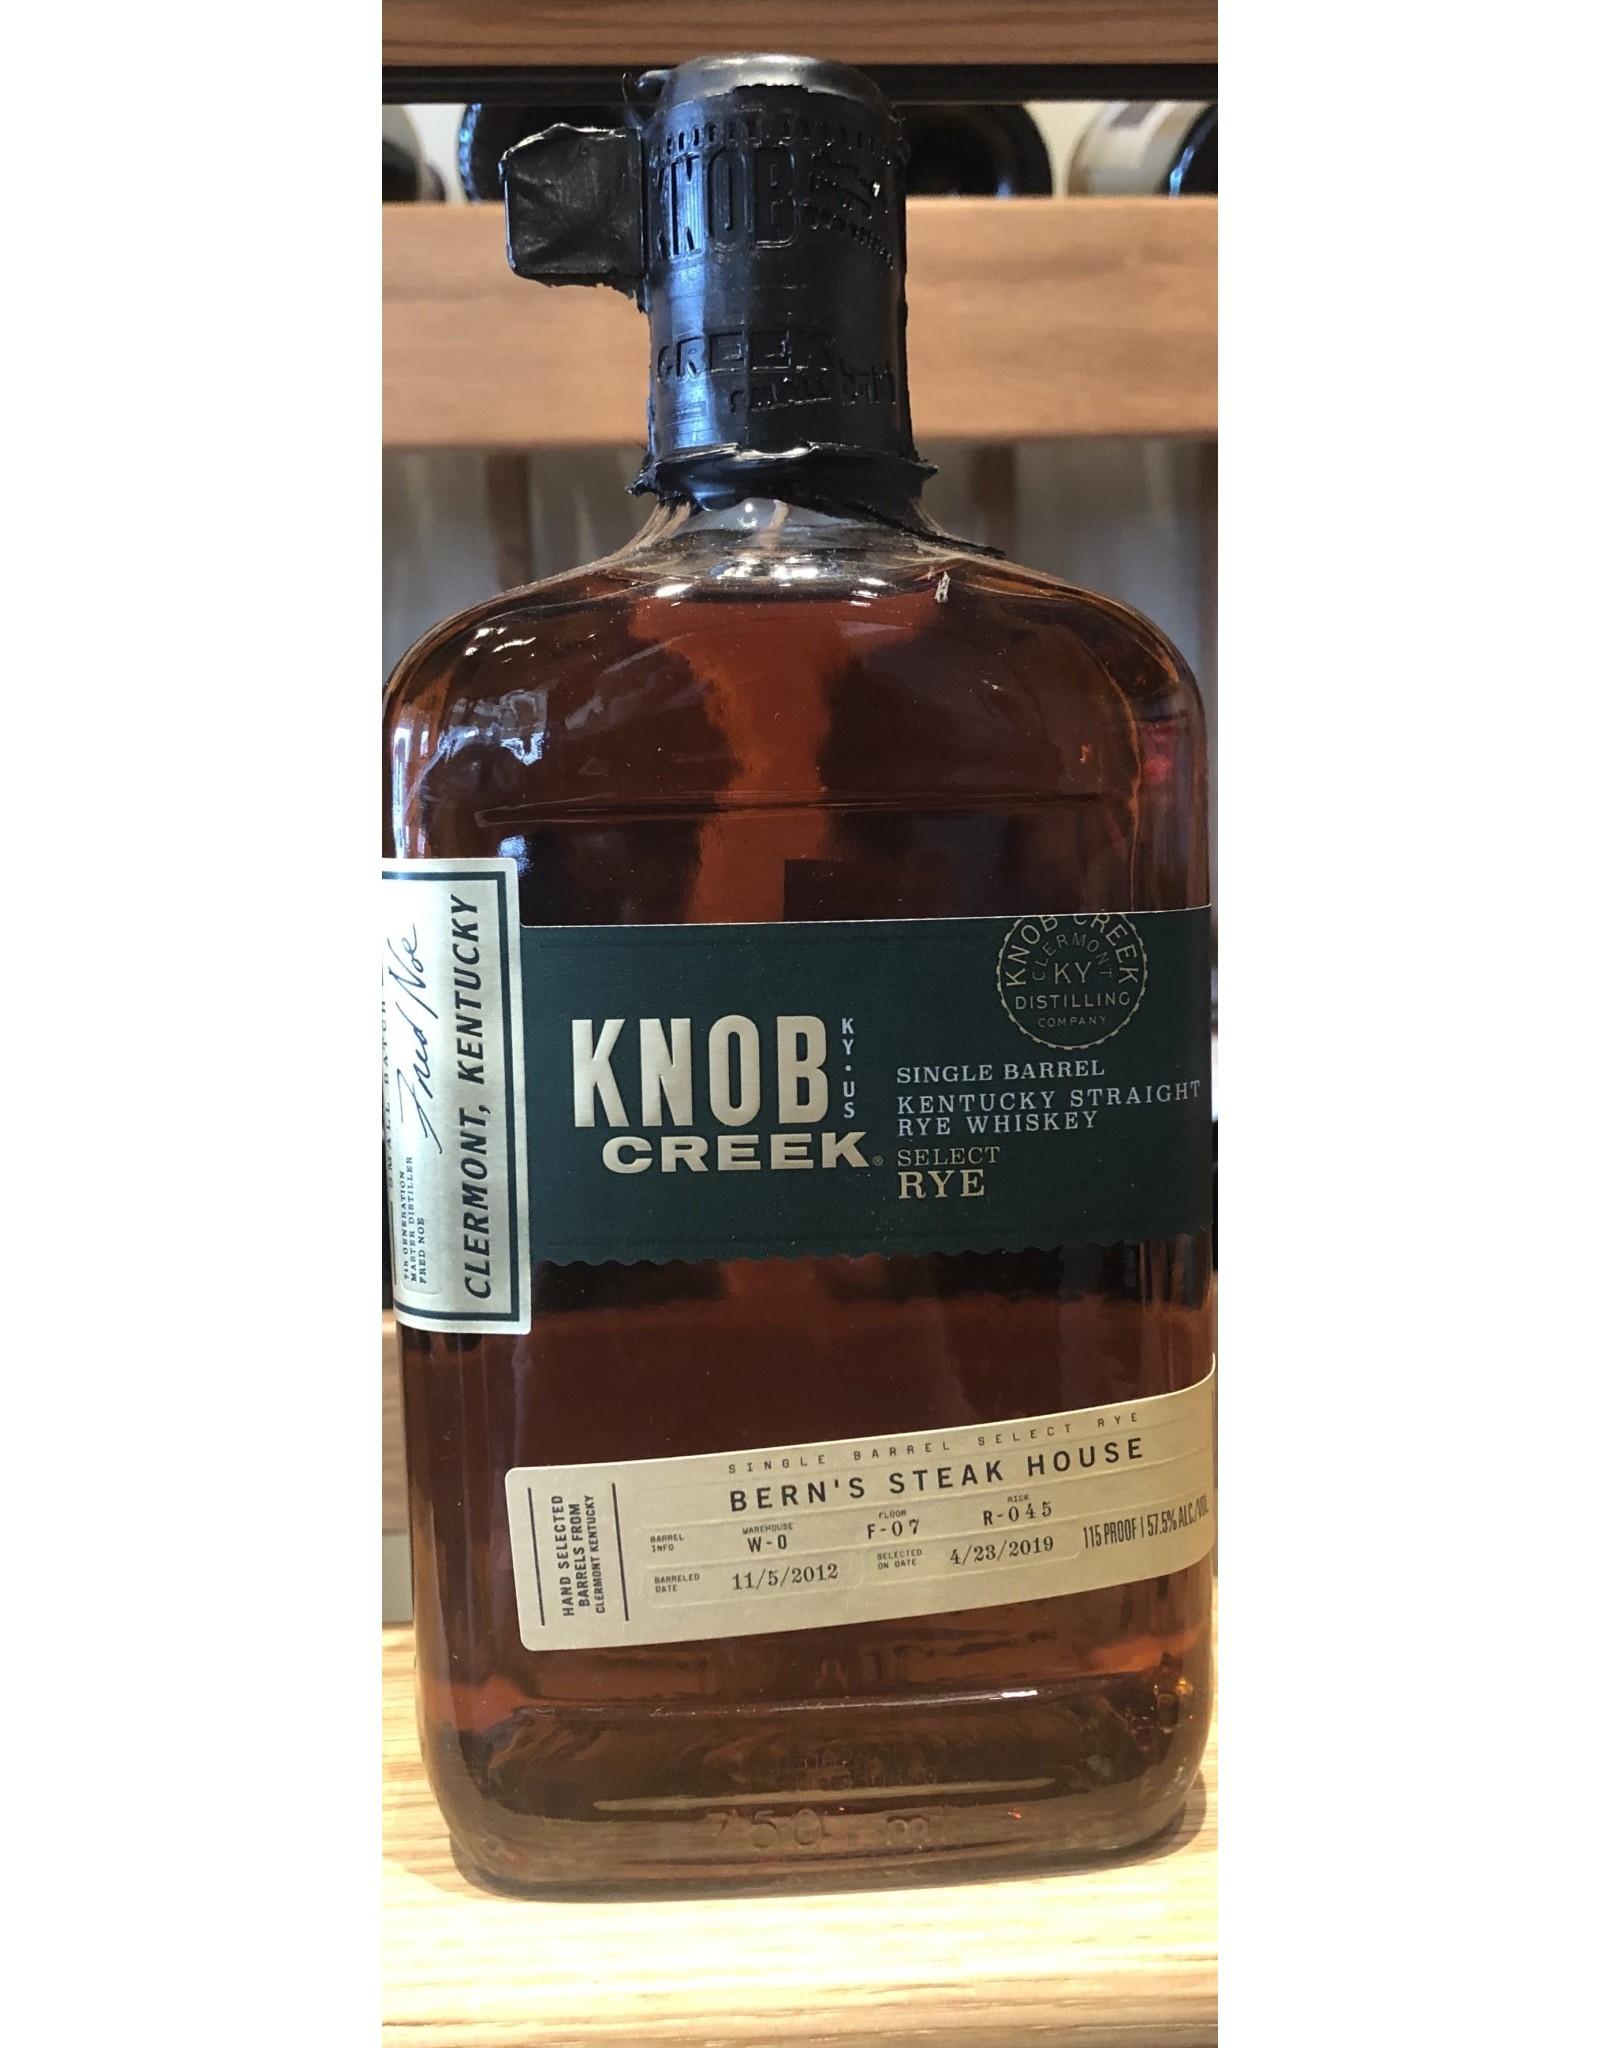 Bern's Select Knob Creek Rye